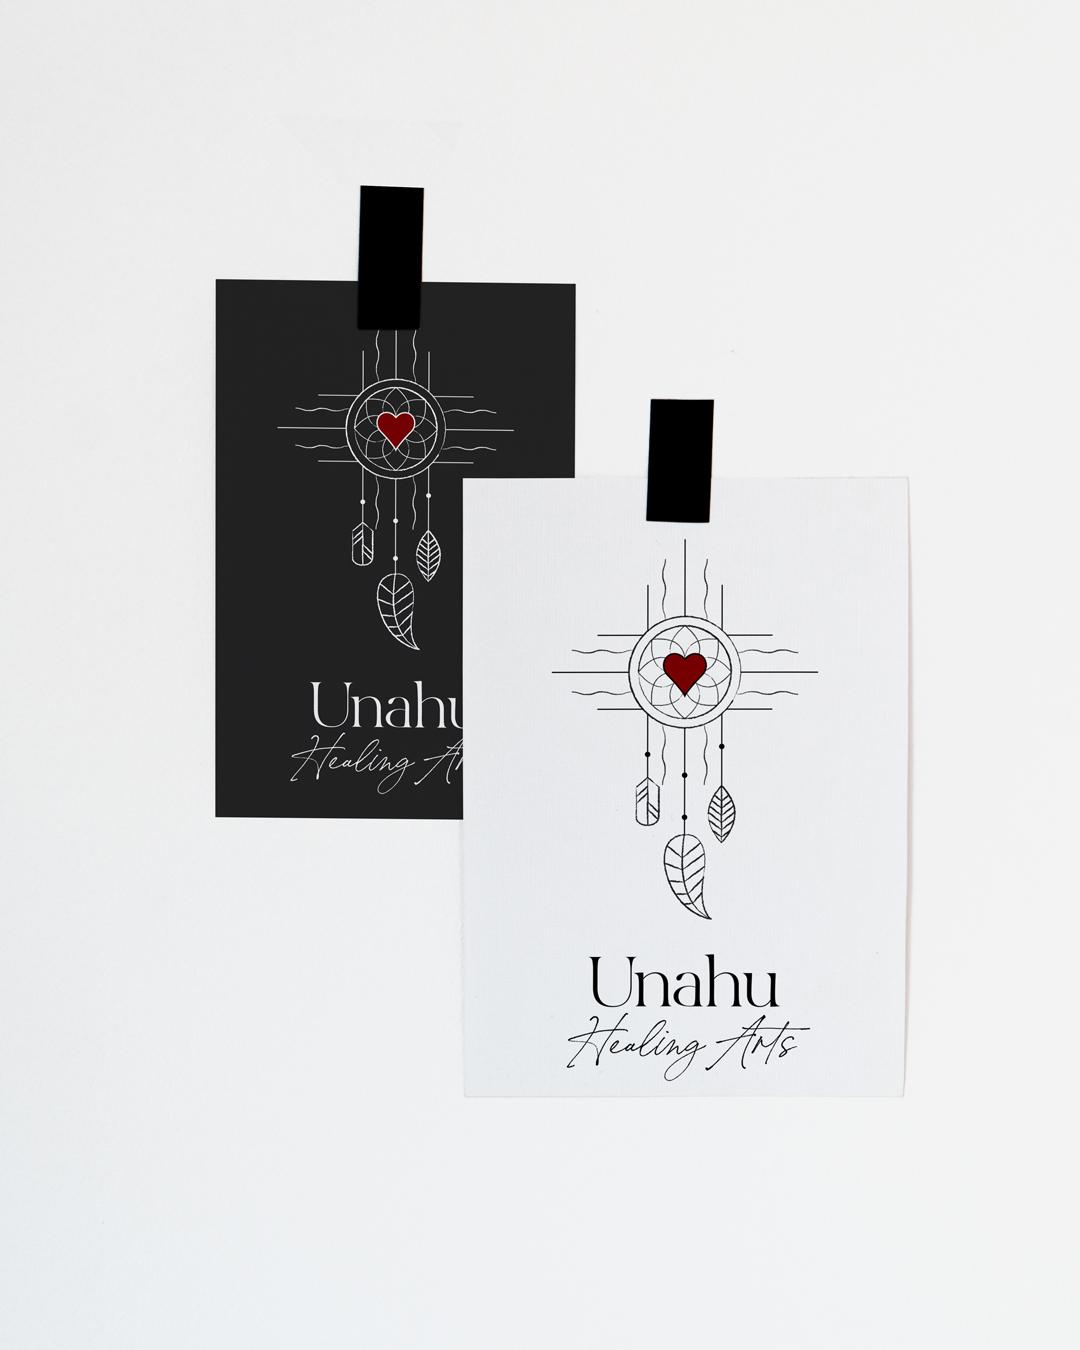 Unahu-logo.jpg